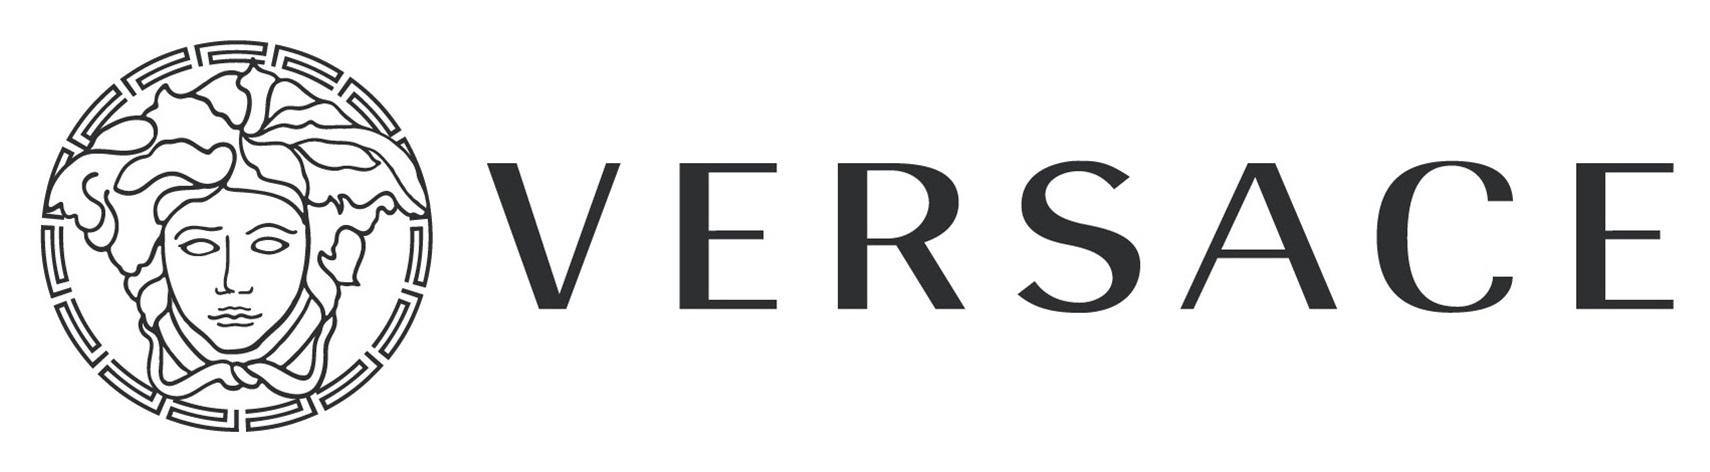 Версаче Официальный сайт, Интернет магазин. Духи, Парфюм, Одежда Versace.